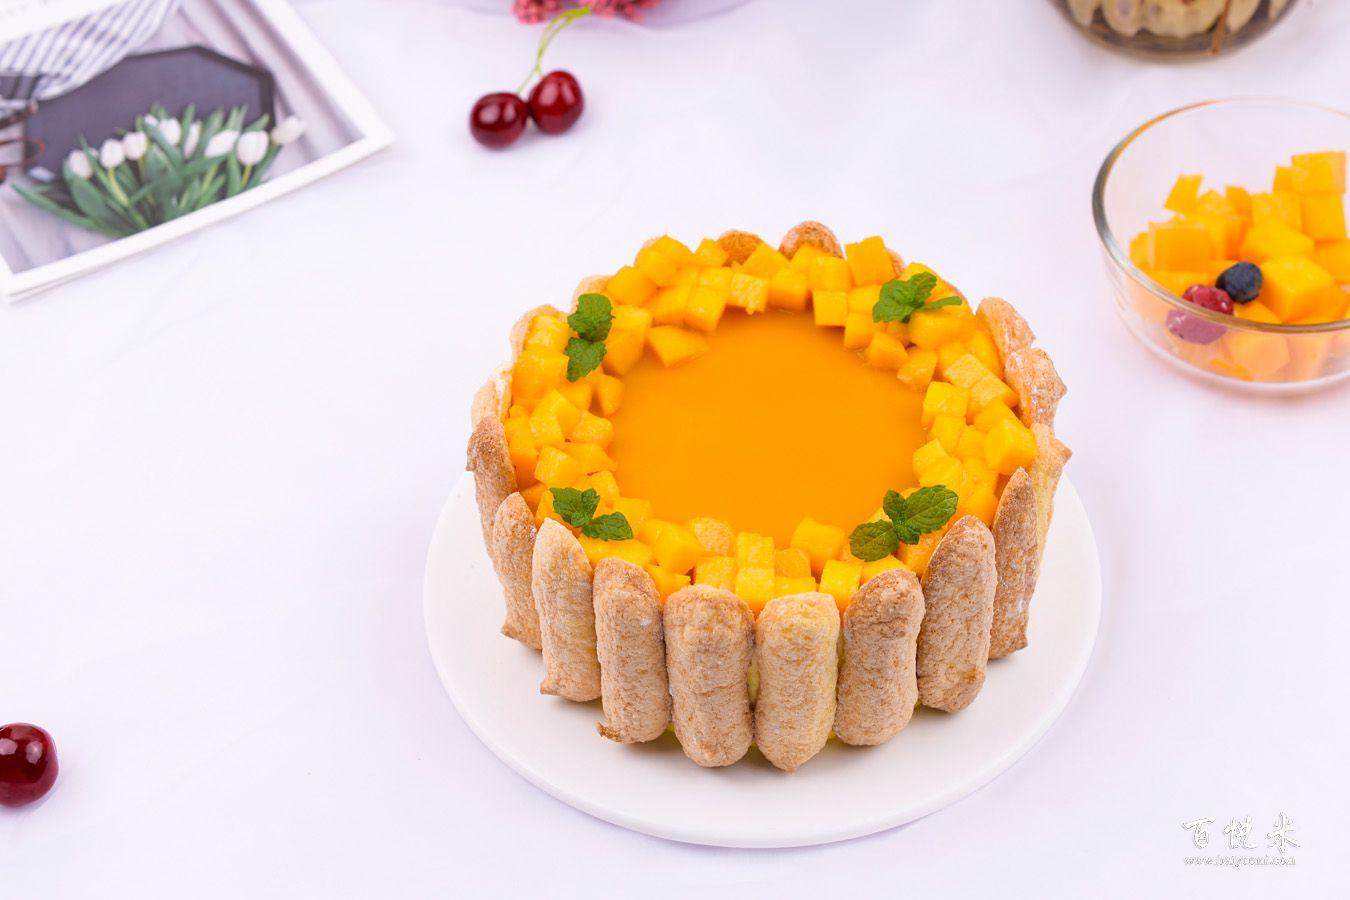 芒果夏洛特的做法大全,芒果夏洛特蛋糕培训怎么做